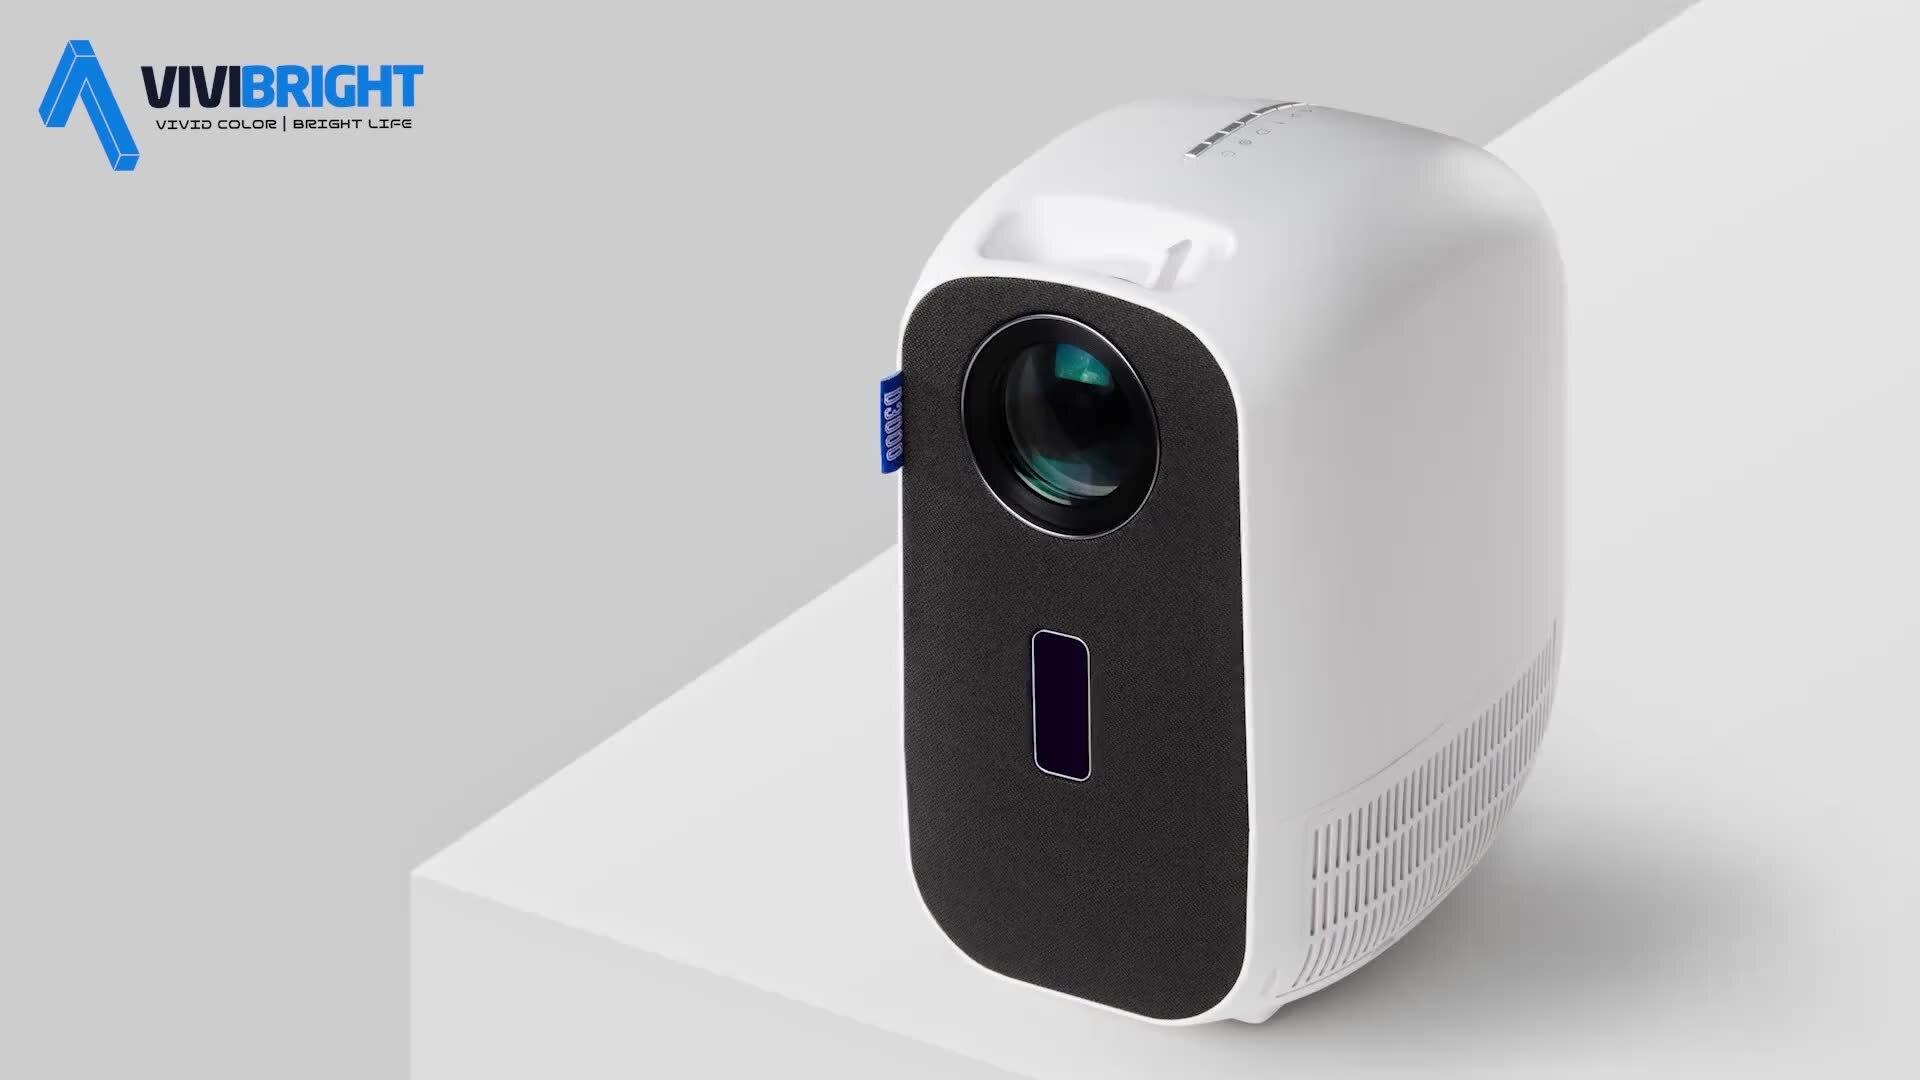 جهاز عرض vivitight D3000 جهاز عرض مكعب 1080p جهاز عرض الألعاب في الهواء الطلق